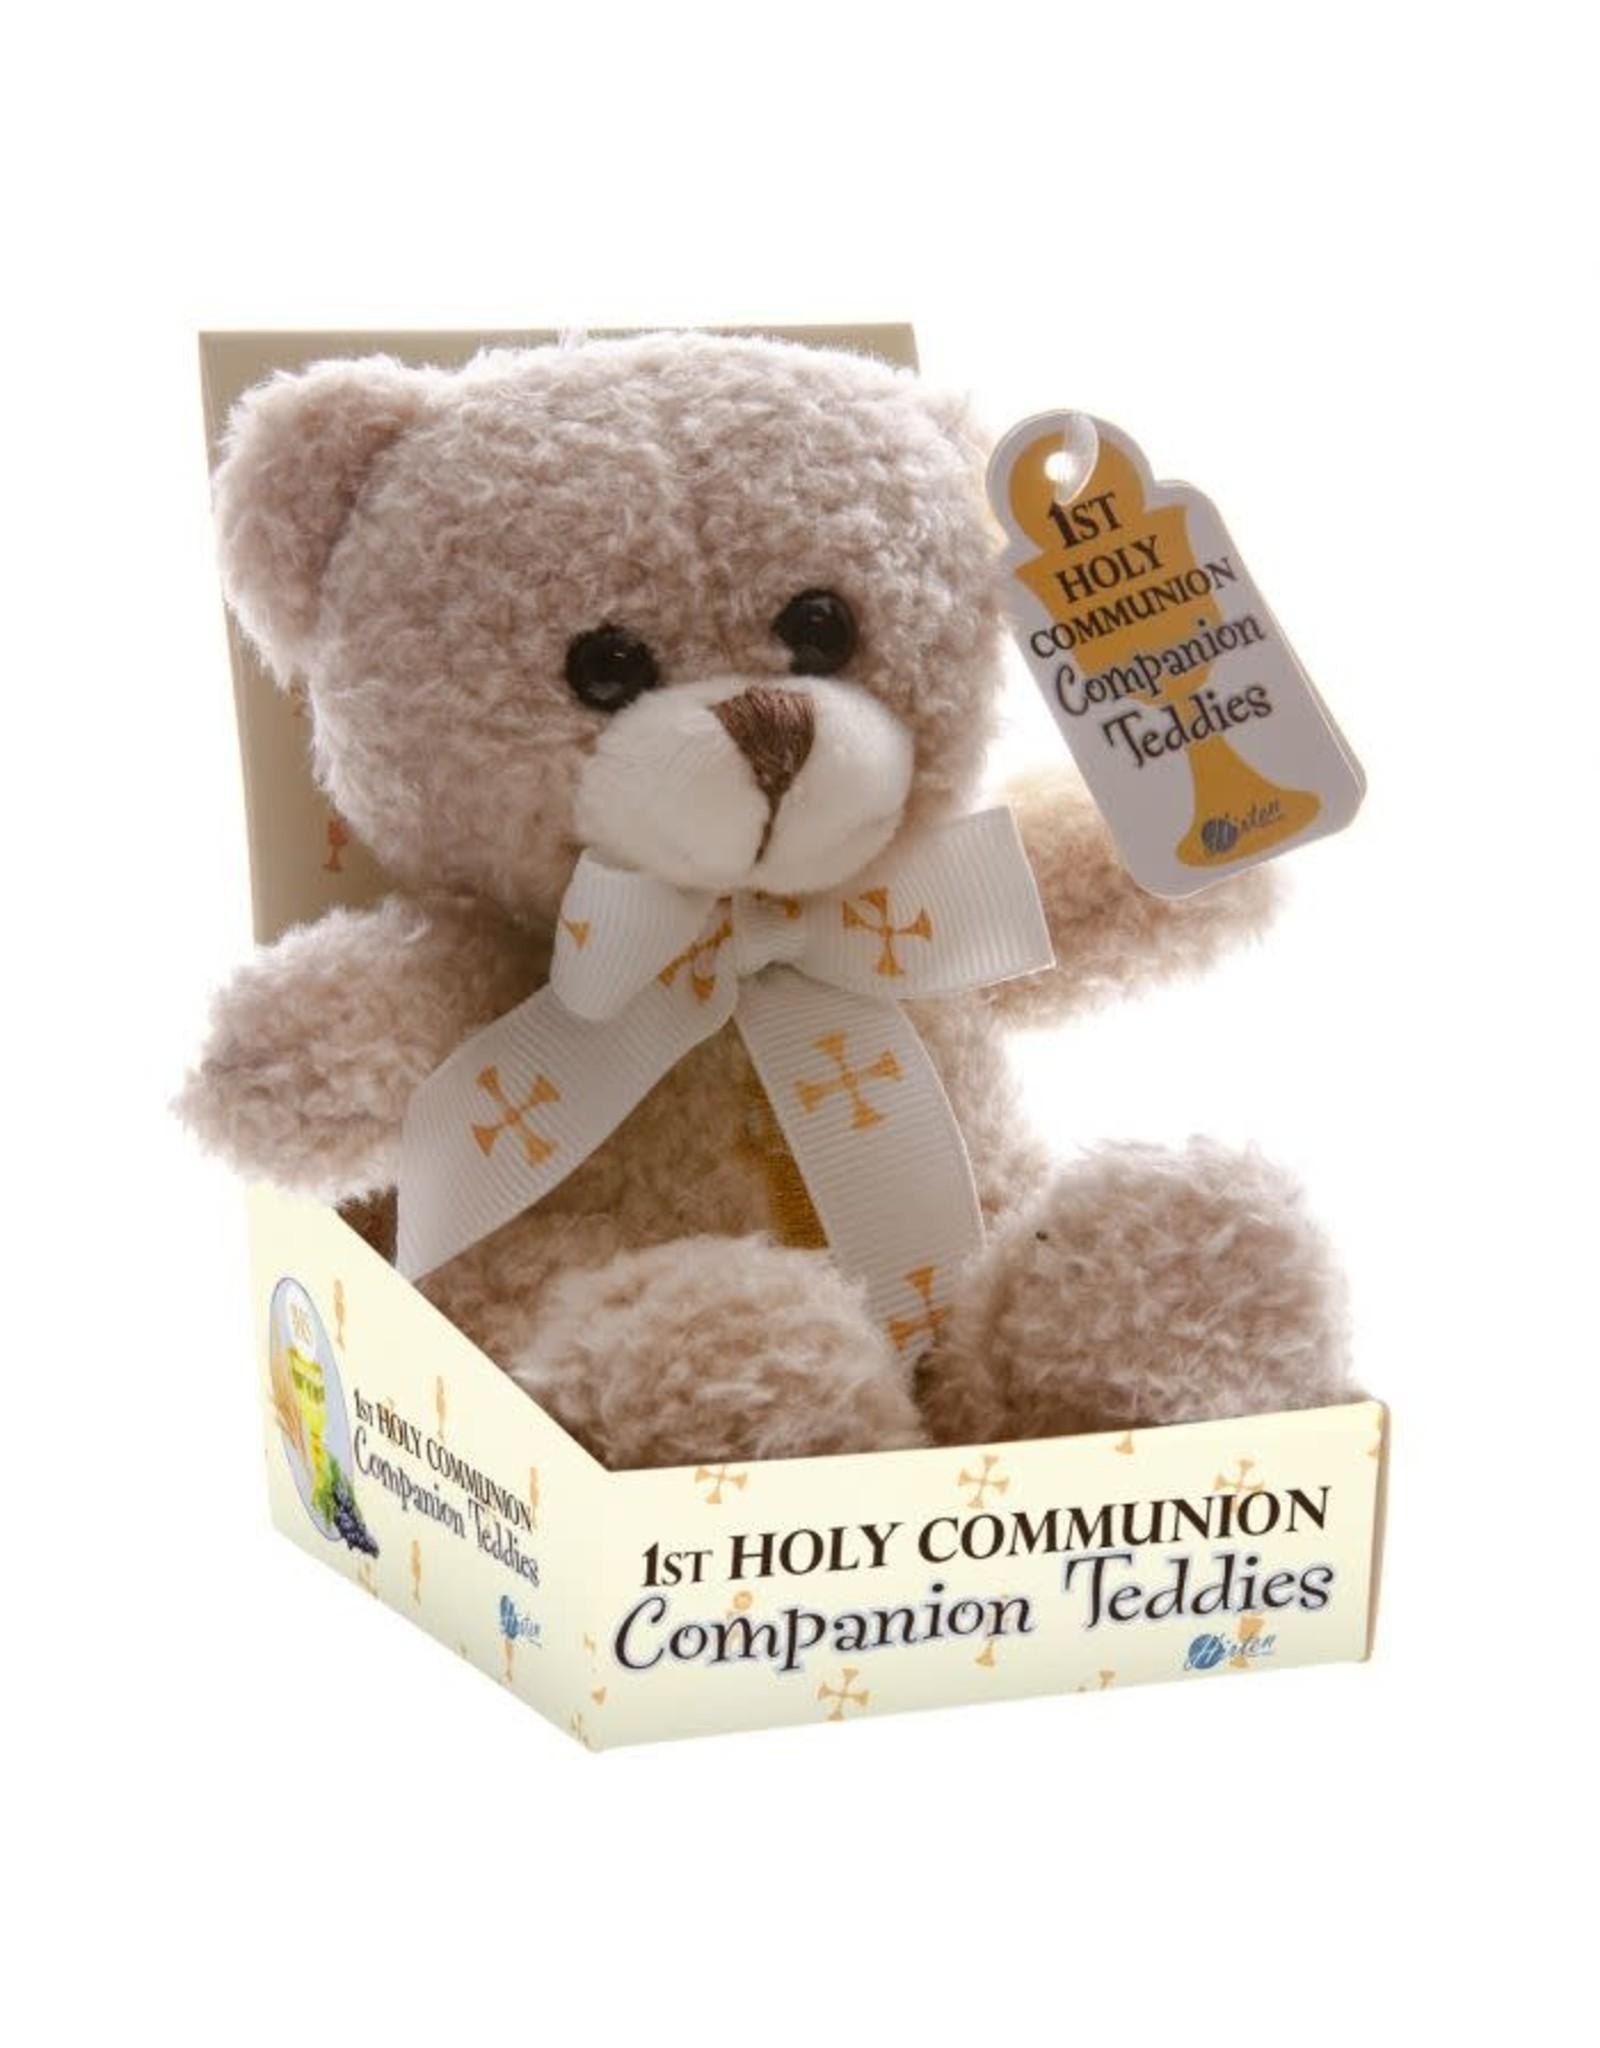 1st Holy Communion Companion Teddy Bear